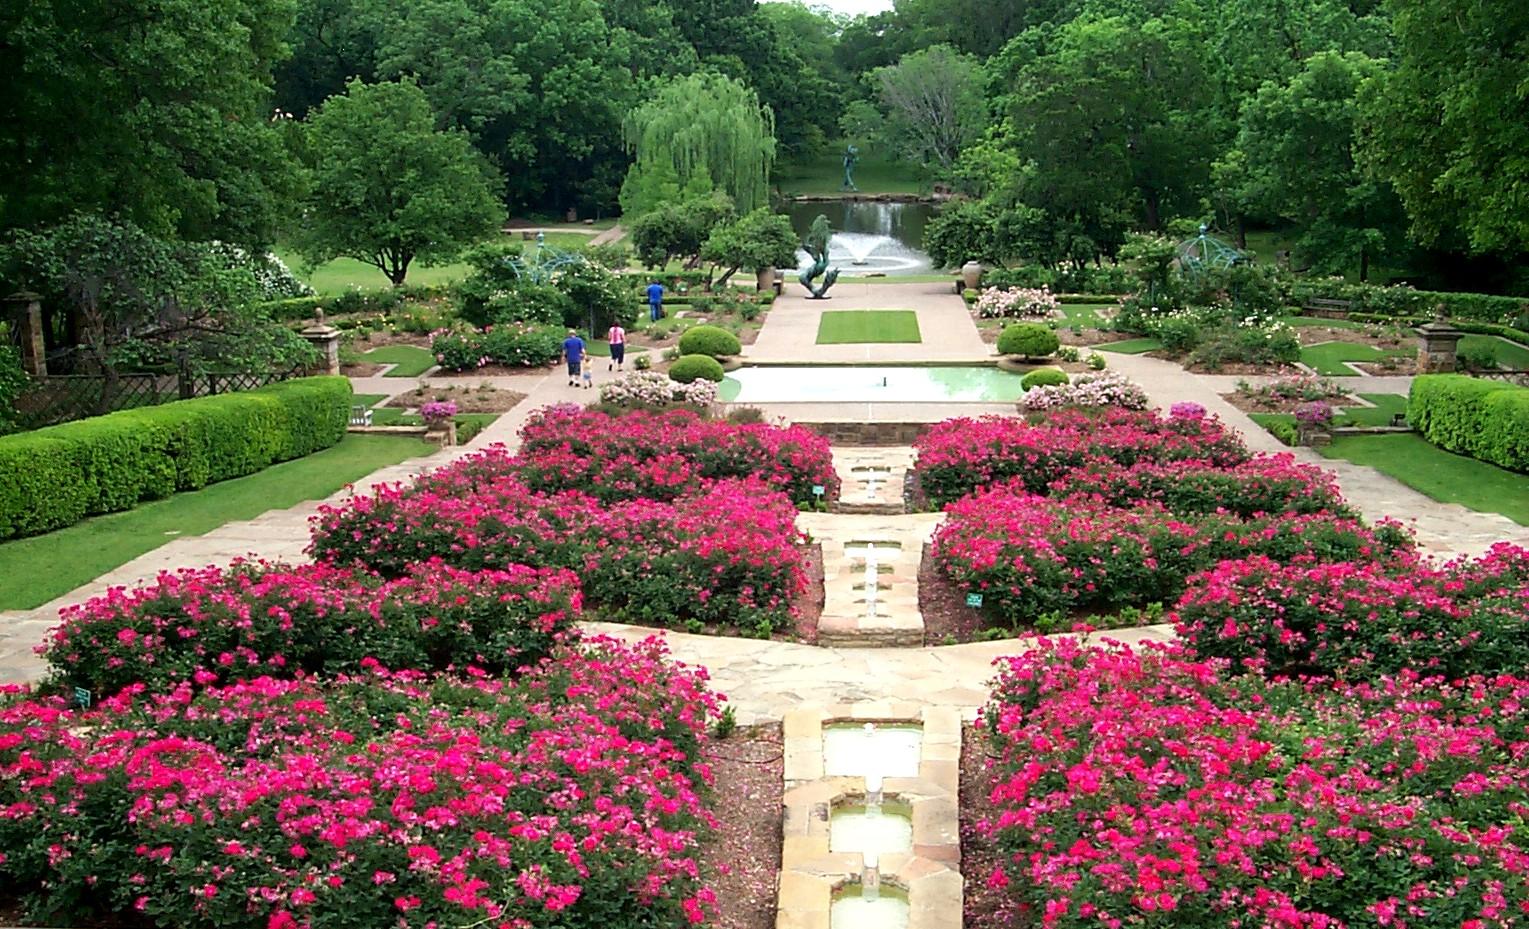 Roses in the Rose Garden.